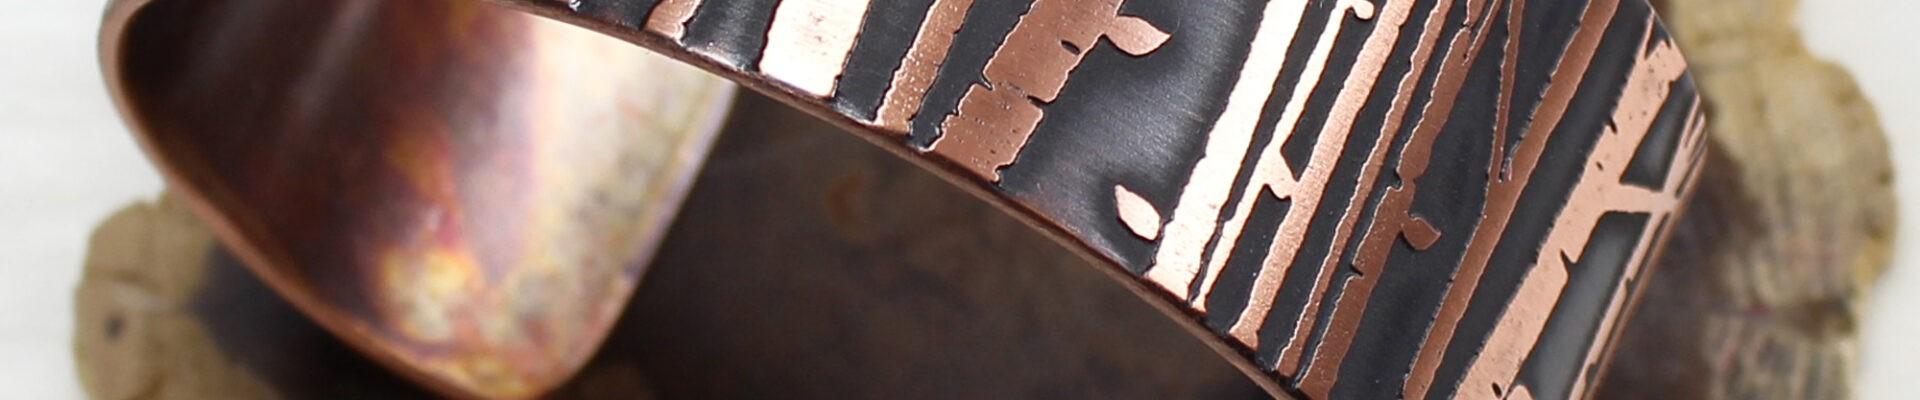 Aspen Grove, Copper Cuff, Handmade Bracelet